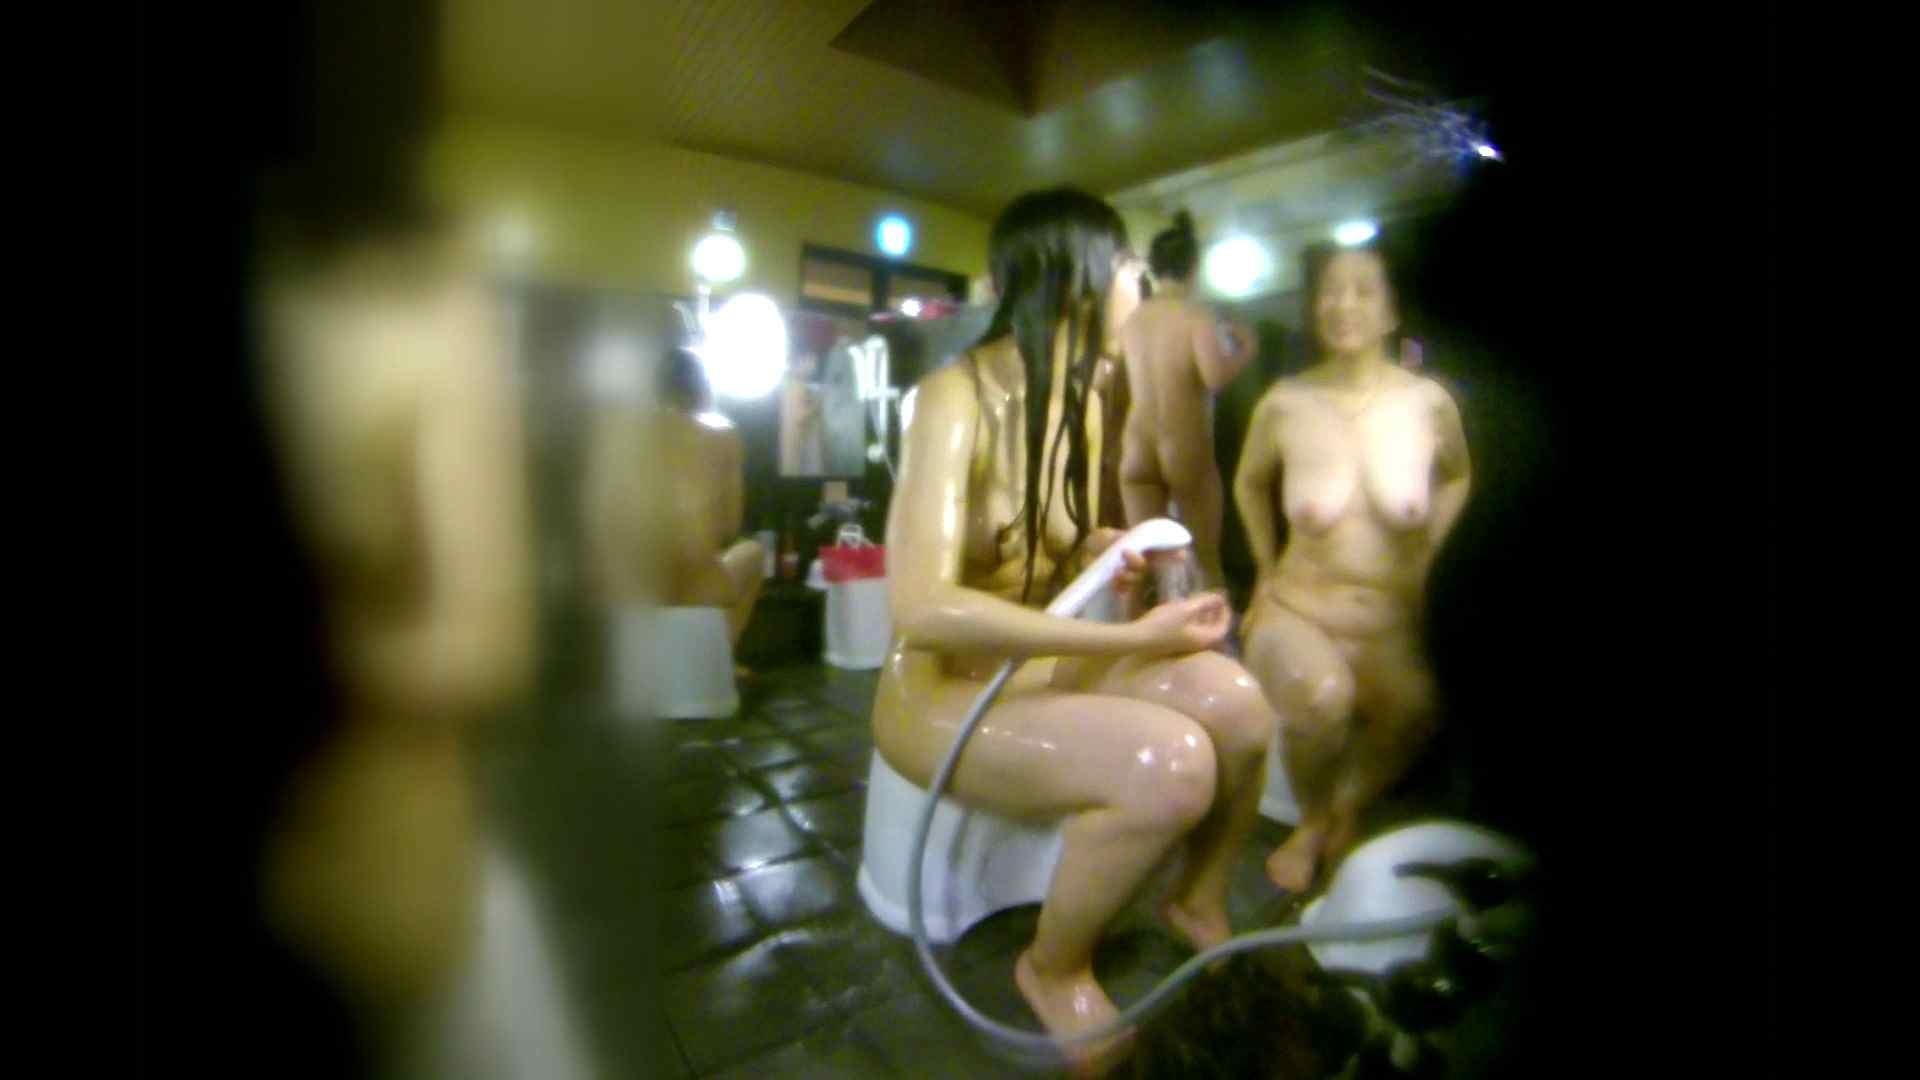 洗い場!右足の位置がいいですね。陰毛もっさり! 銭湯事情 オメコ動画キャプチャ 107枚 76